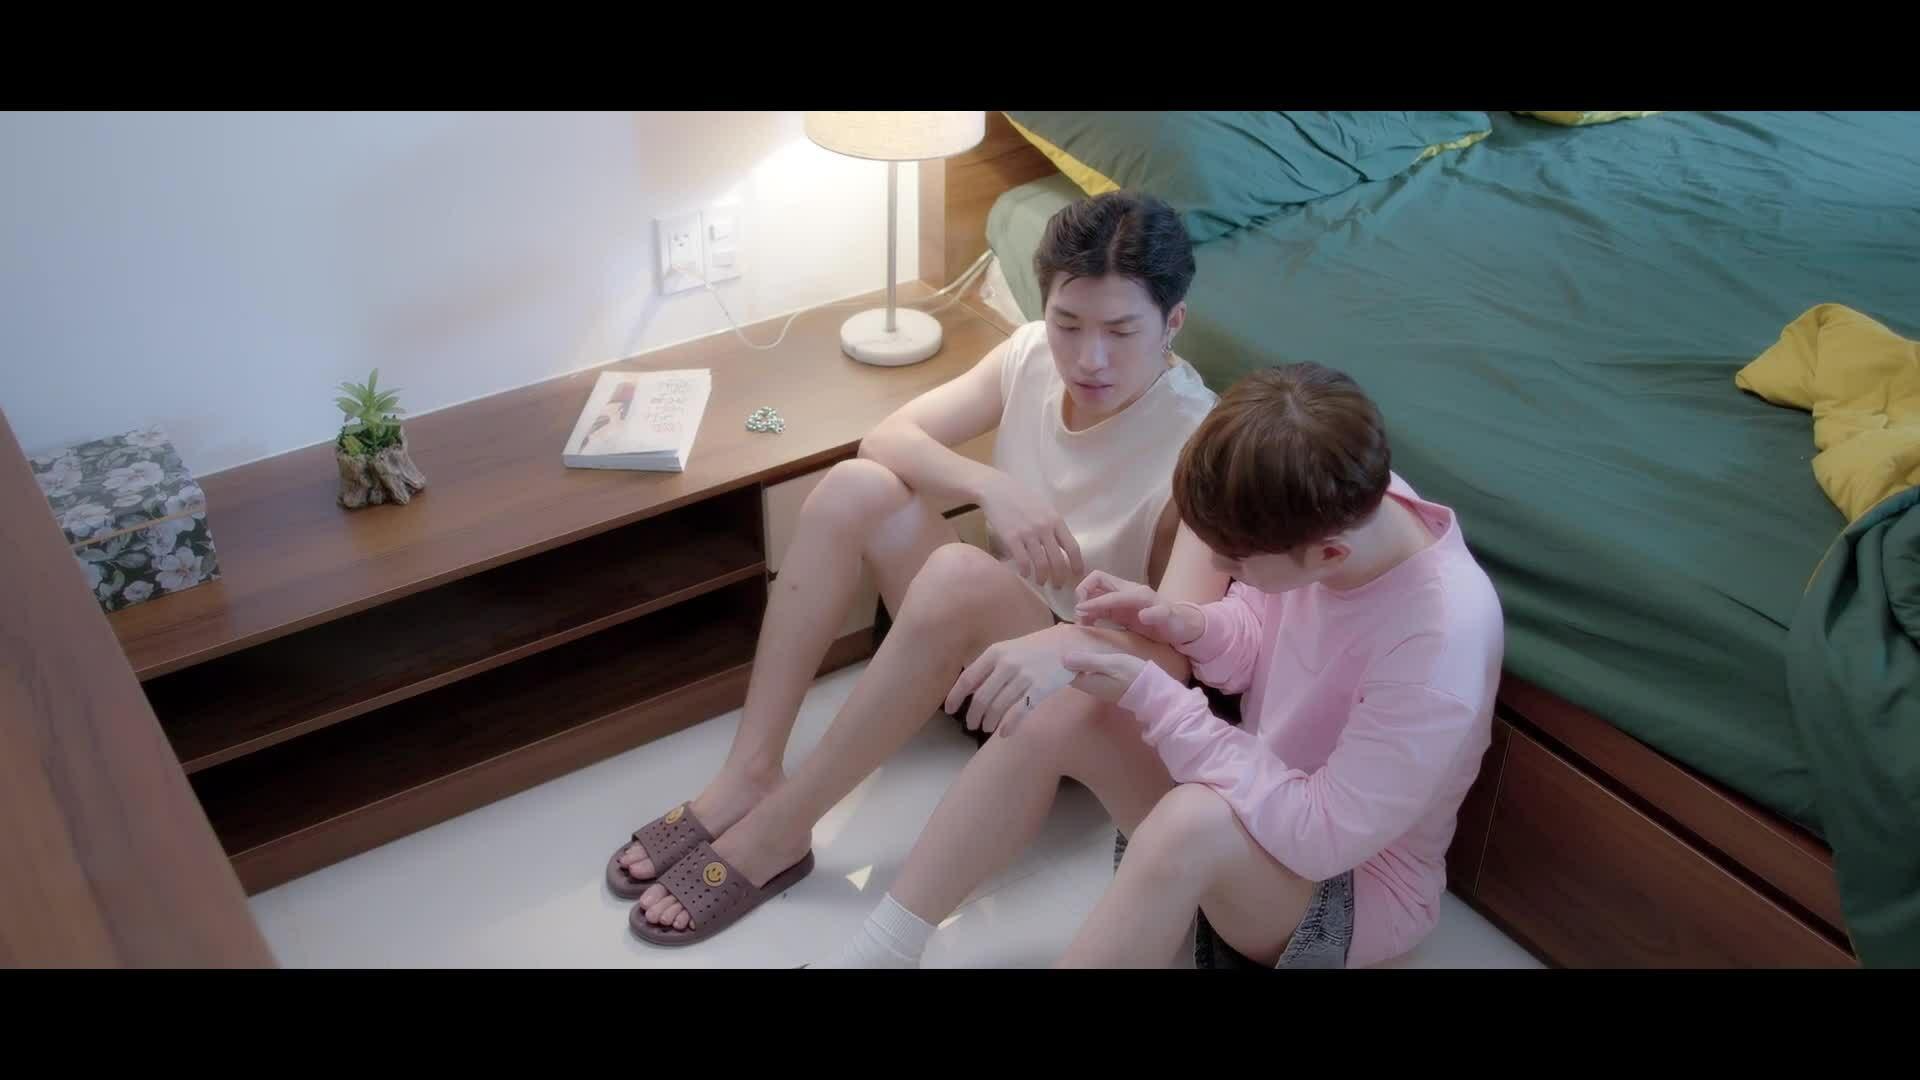 'Em là chàng trai của anh' tung trailer ngập 'cảnh nóng' của hai nam chính